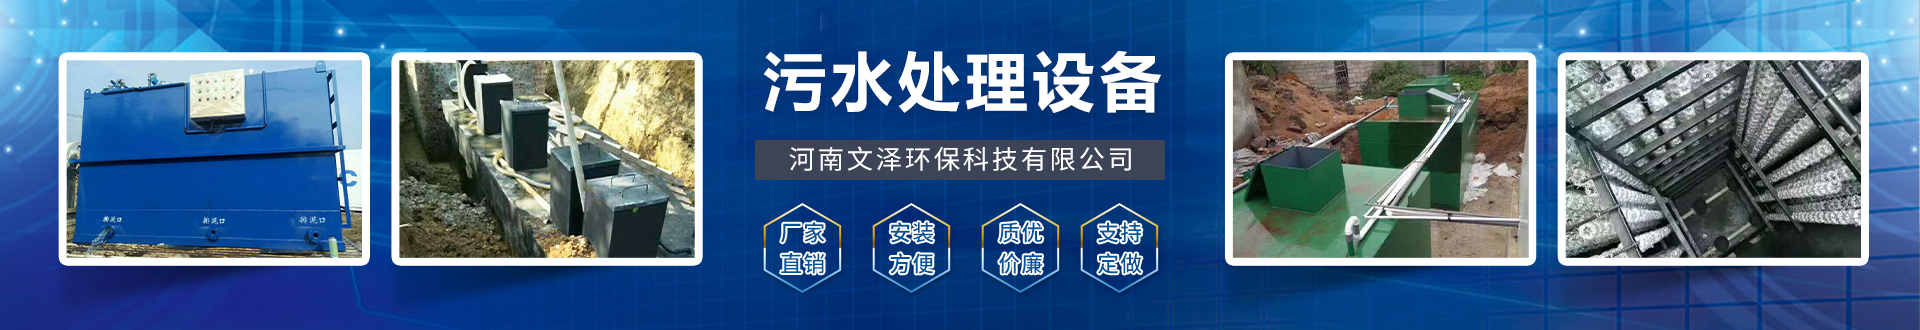 河南文泽环保科技有限公司